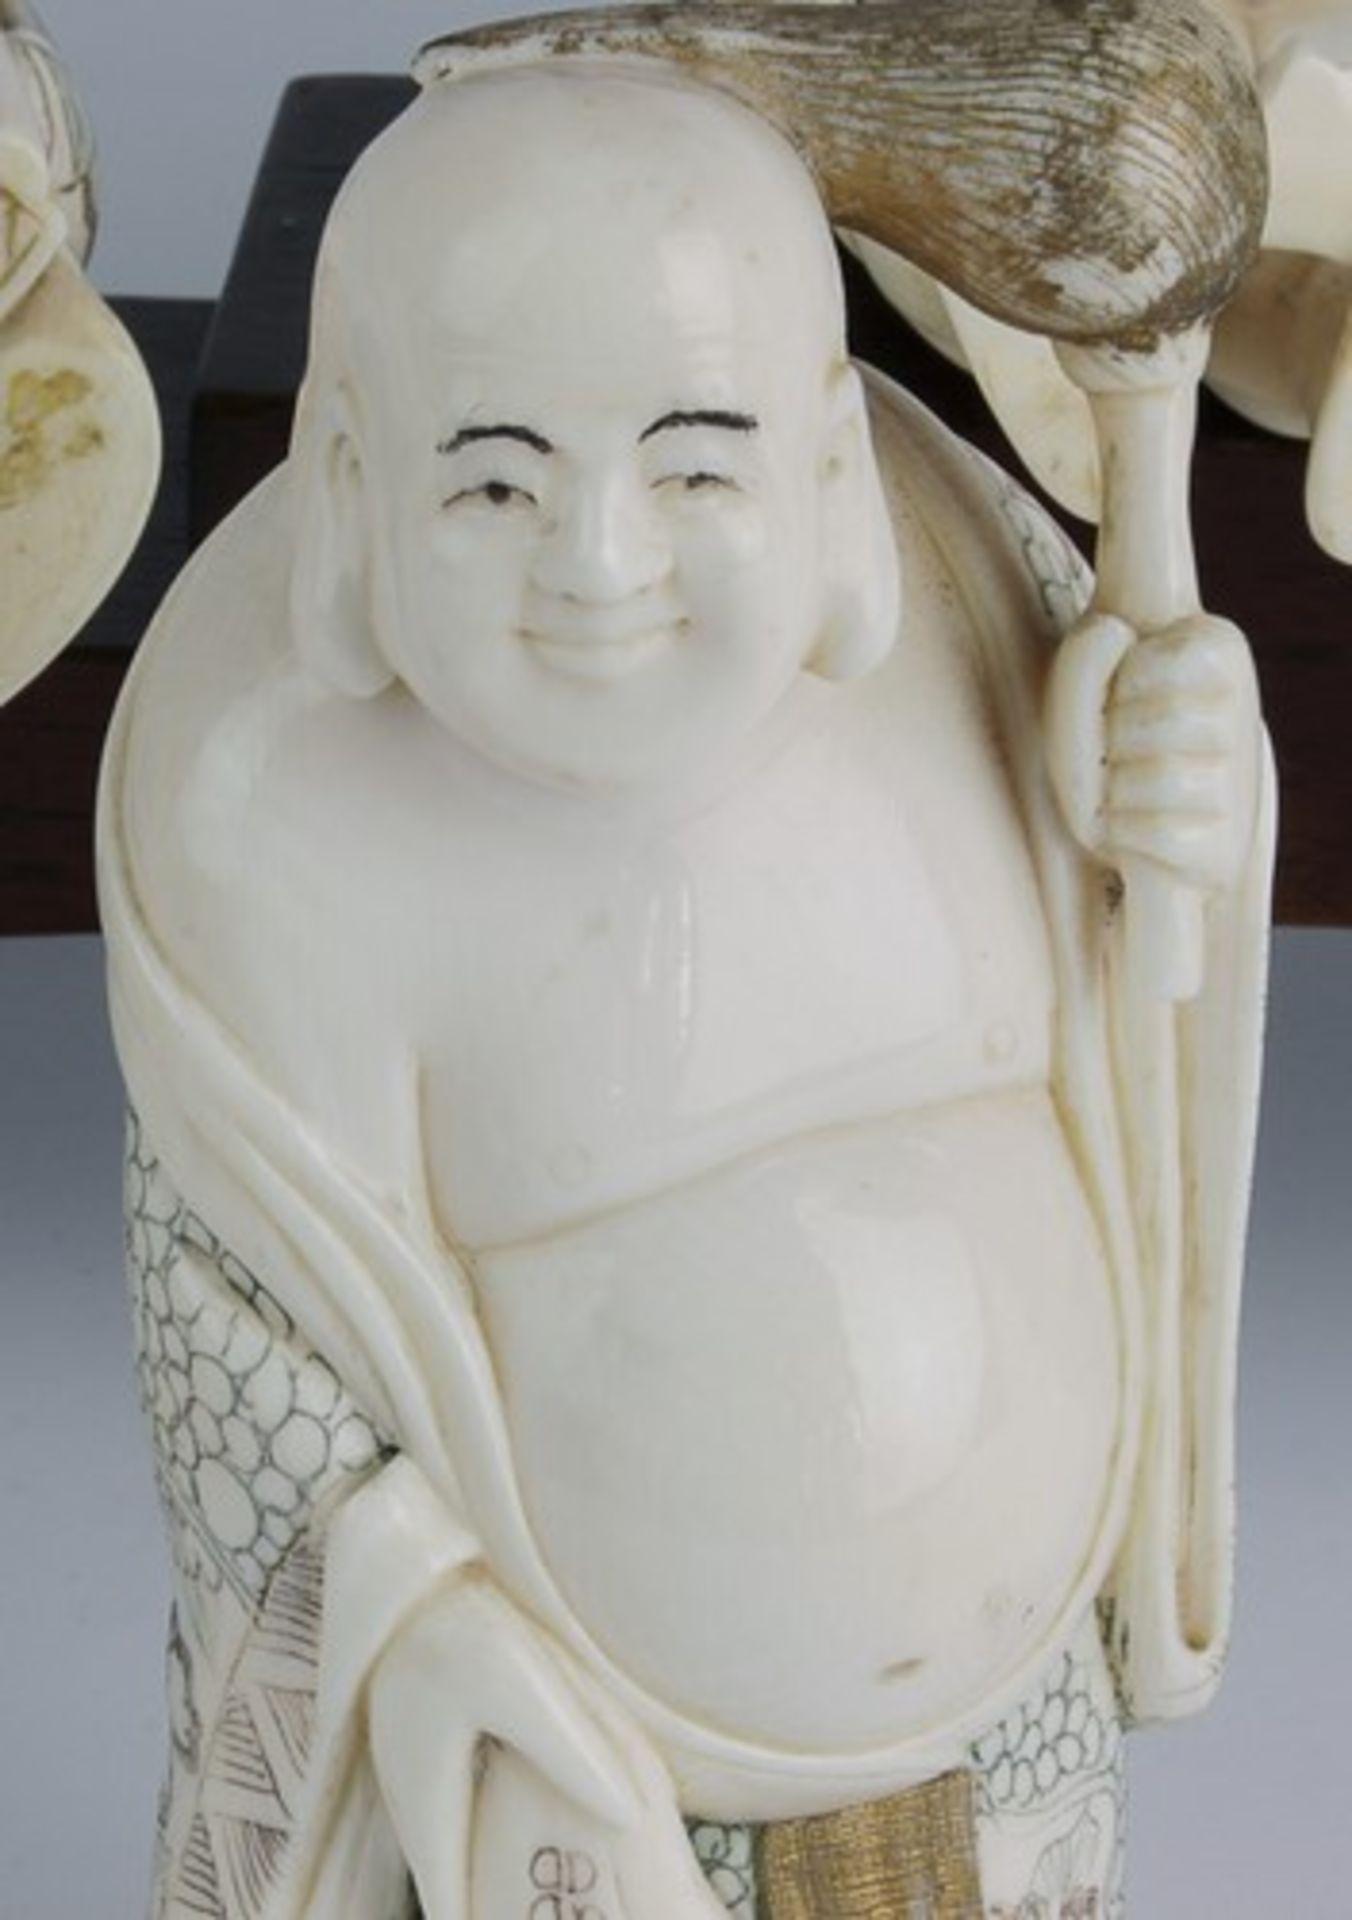 Figurengruppe - Chinaum 1920, 7x vollplastische Elfenbein-Schnitzereien, partiell geschwärzt, - Bild 17 aus 24